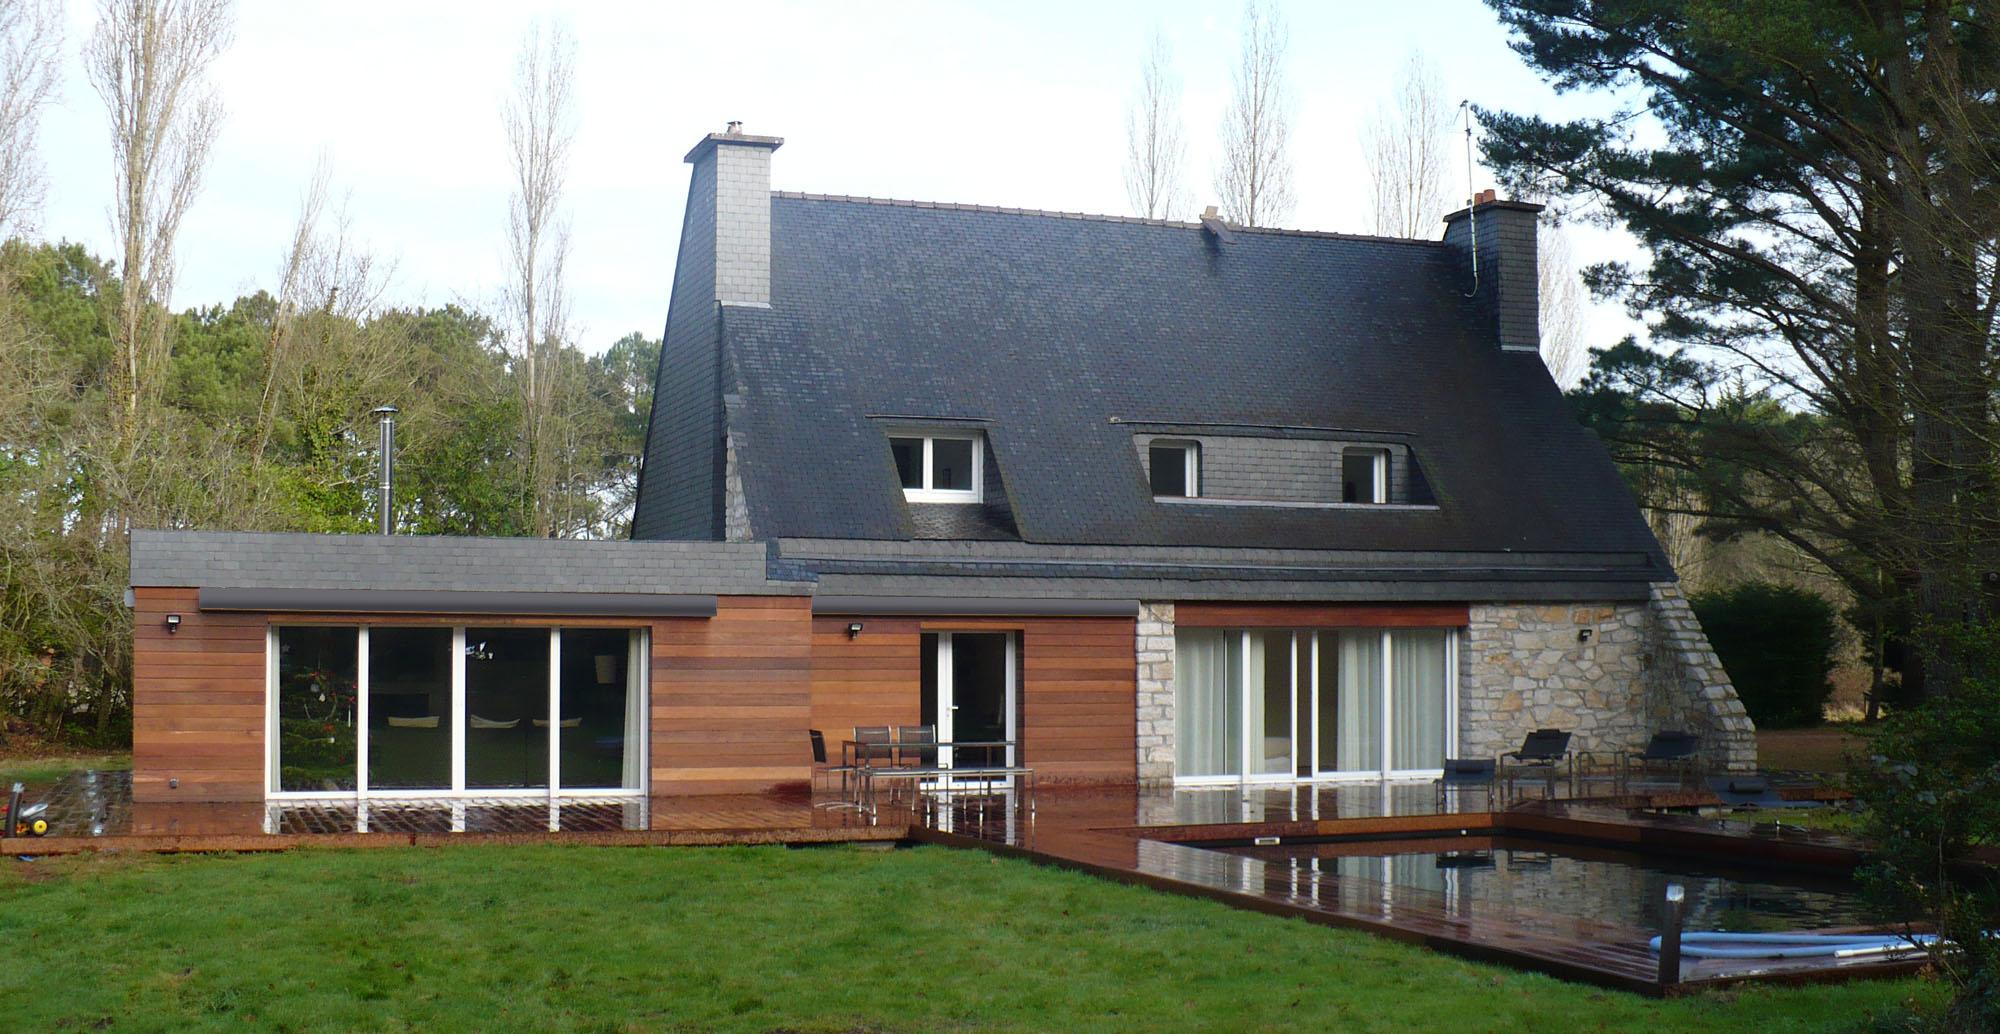 la trinit sur mer extension couedel design herve couedel architecte d 39 interieur muzillac. Black Bedroom Furniture Sets. Home Design Ideas